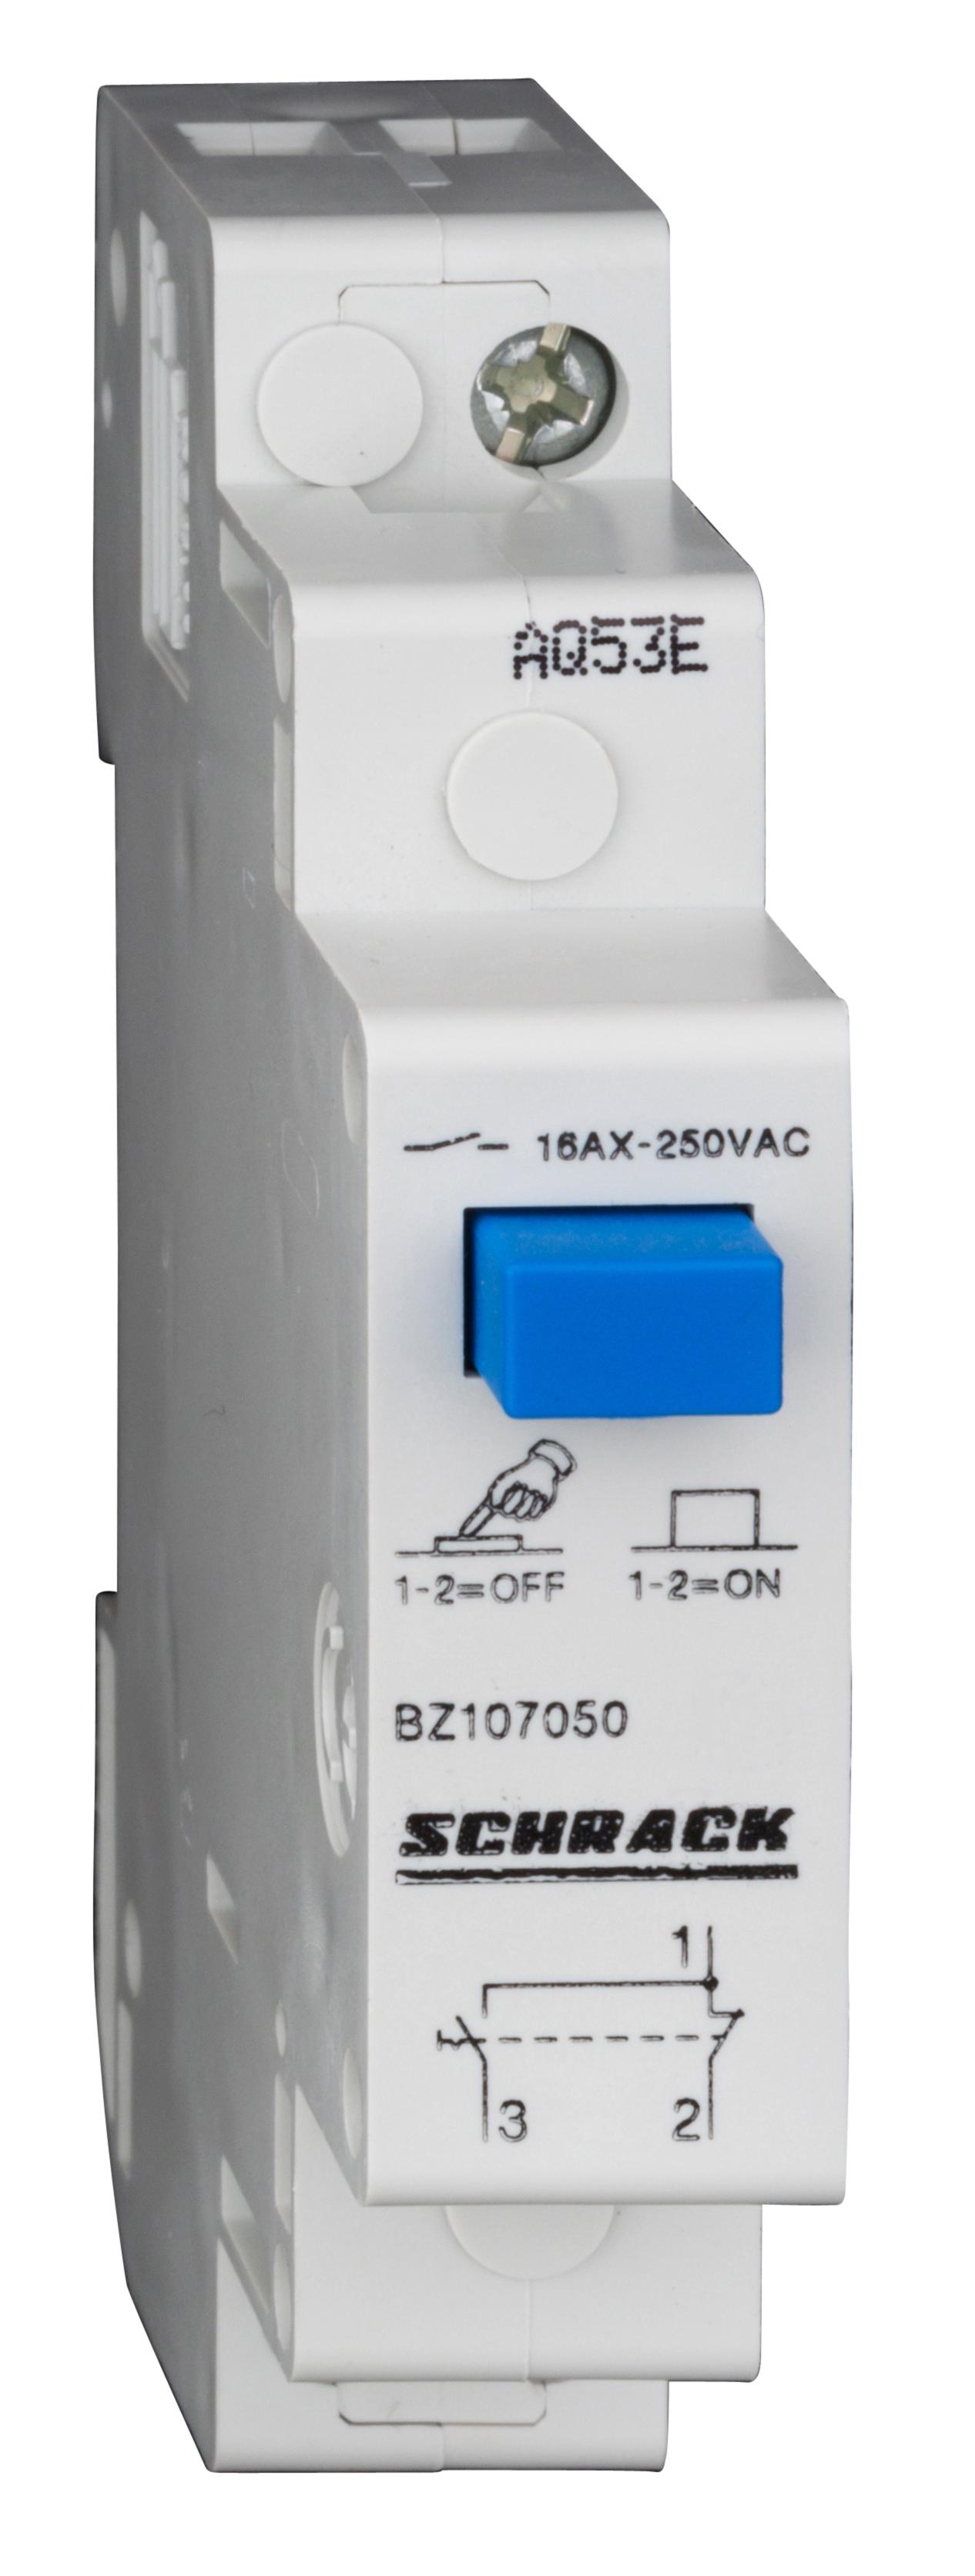 1 Stk Reiheneinbau-Wechselschalter mit Druckknopf, 1 Wechsler, 16A BZ107050--